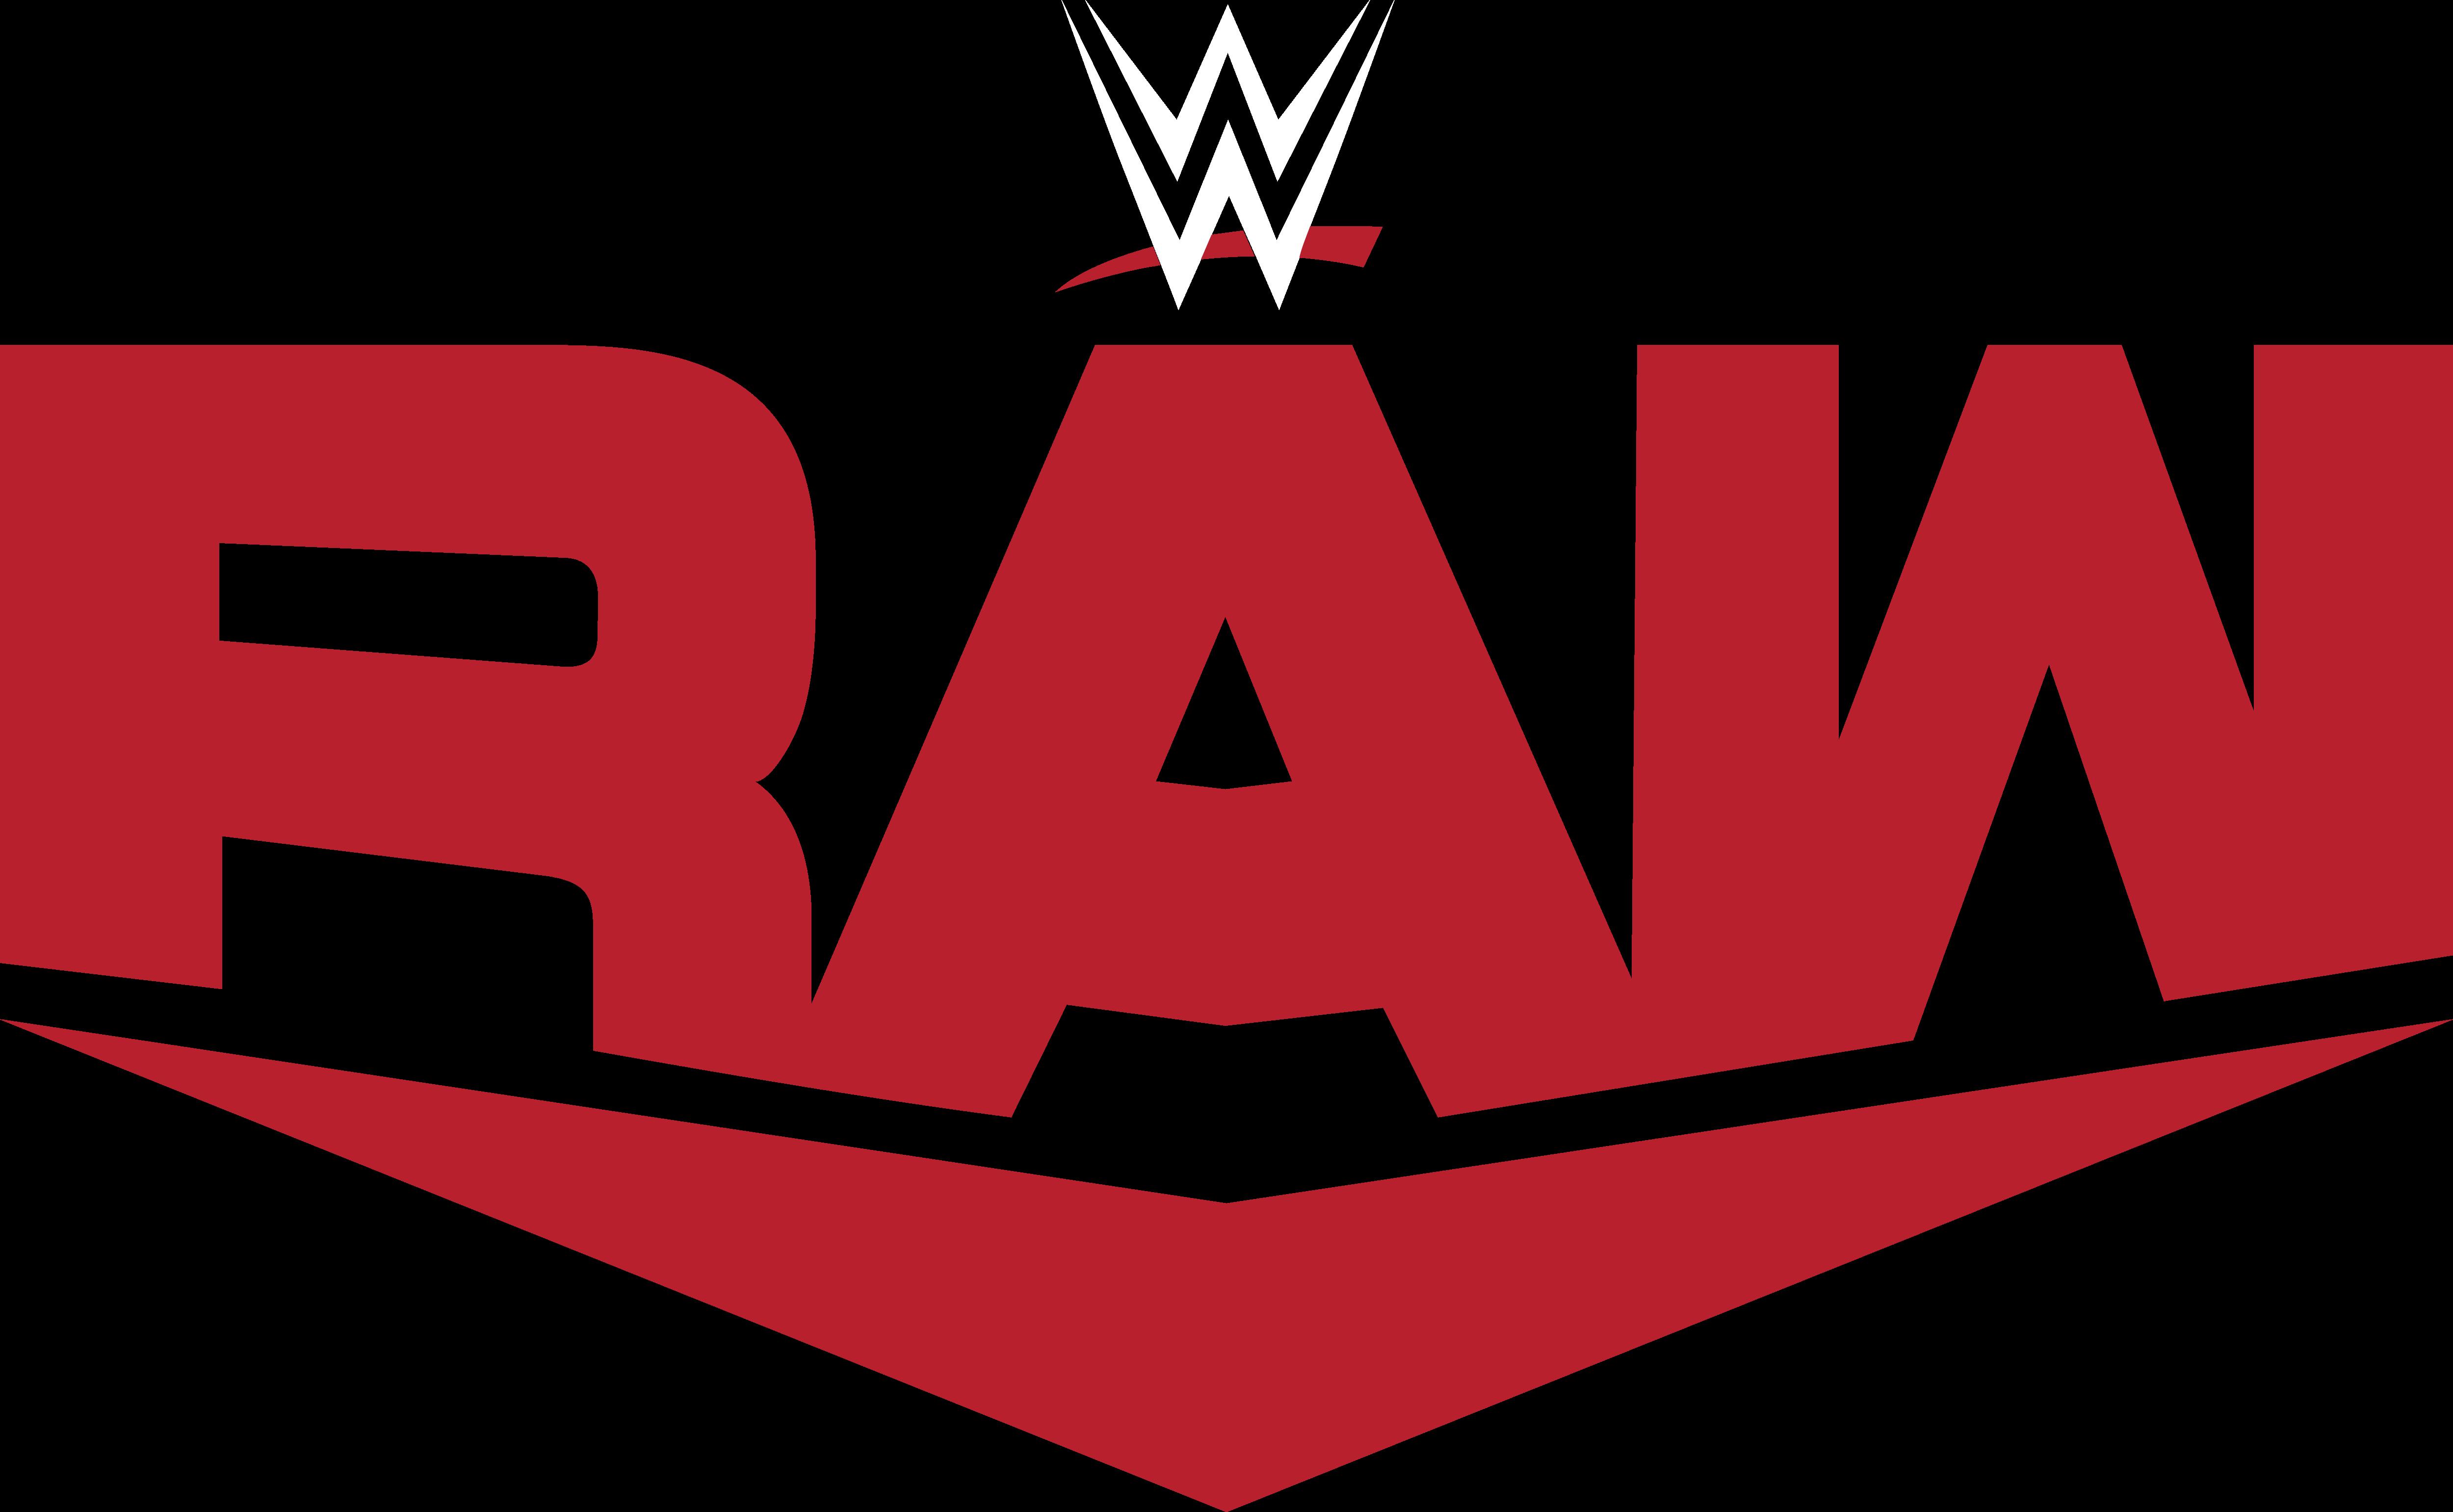 Wwe Raw 2019 Logo By Darkvoidpictures On Deviantart